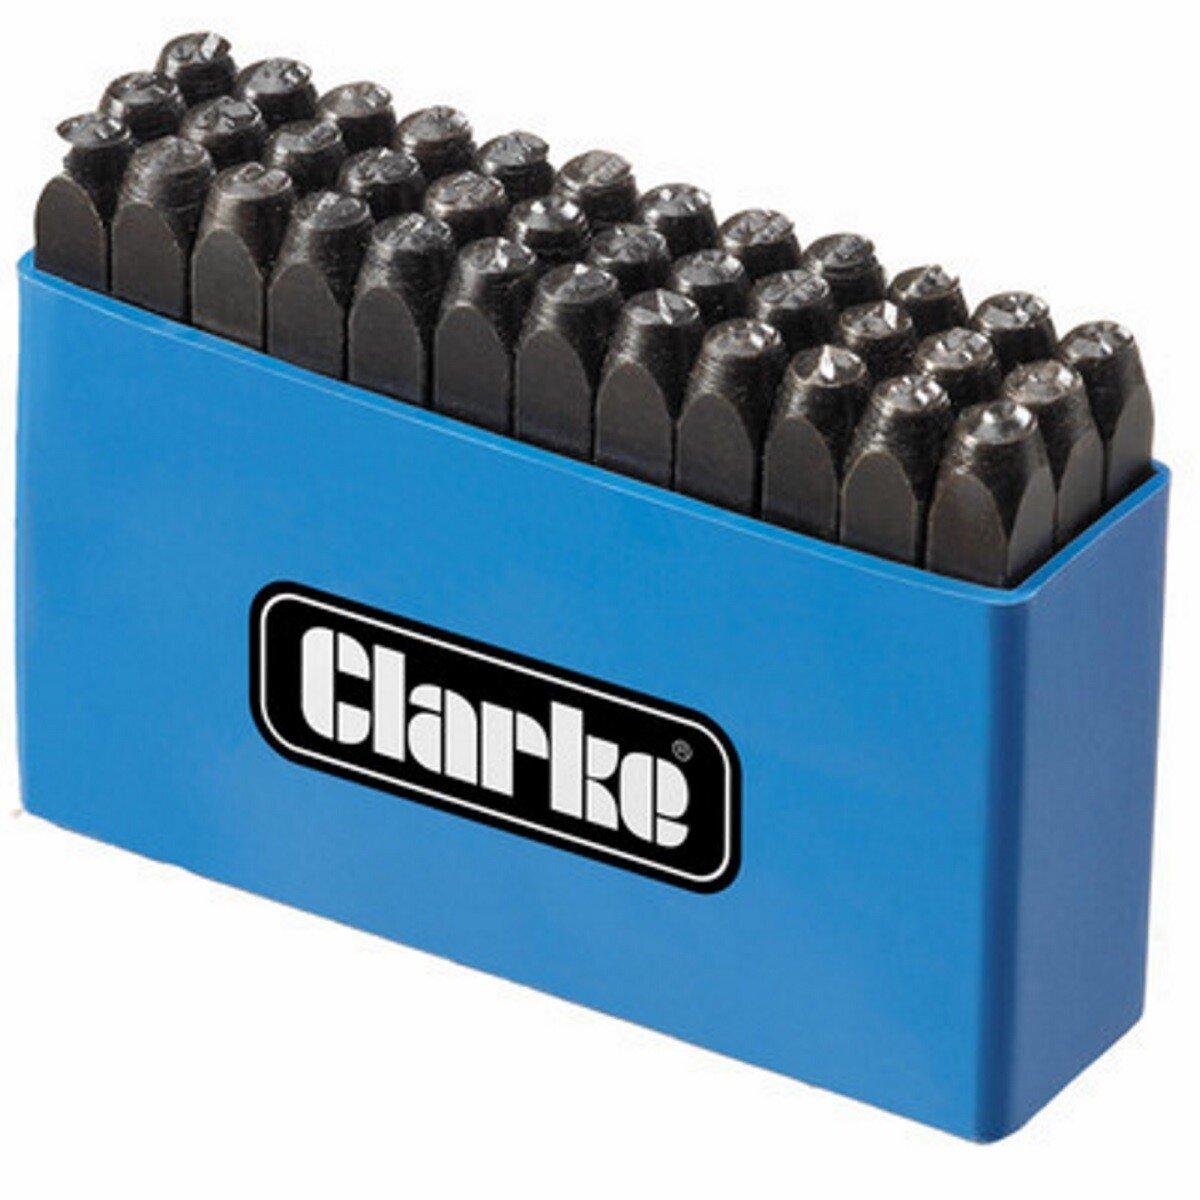 Clarke ET105 Letter and Number Punch Set 4mm 1700125